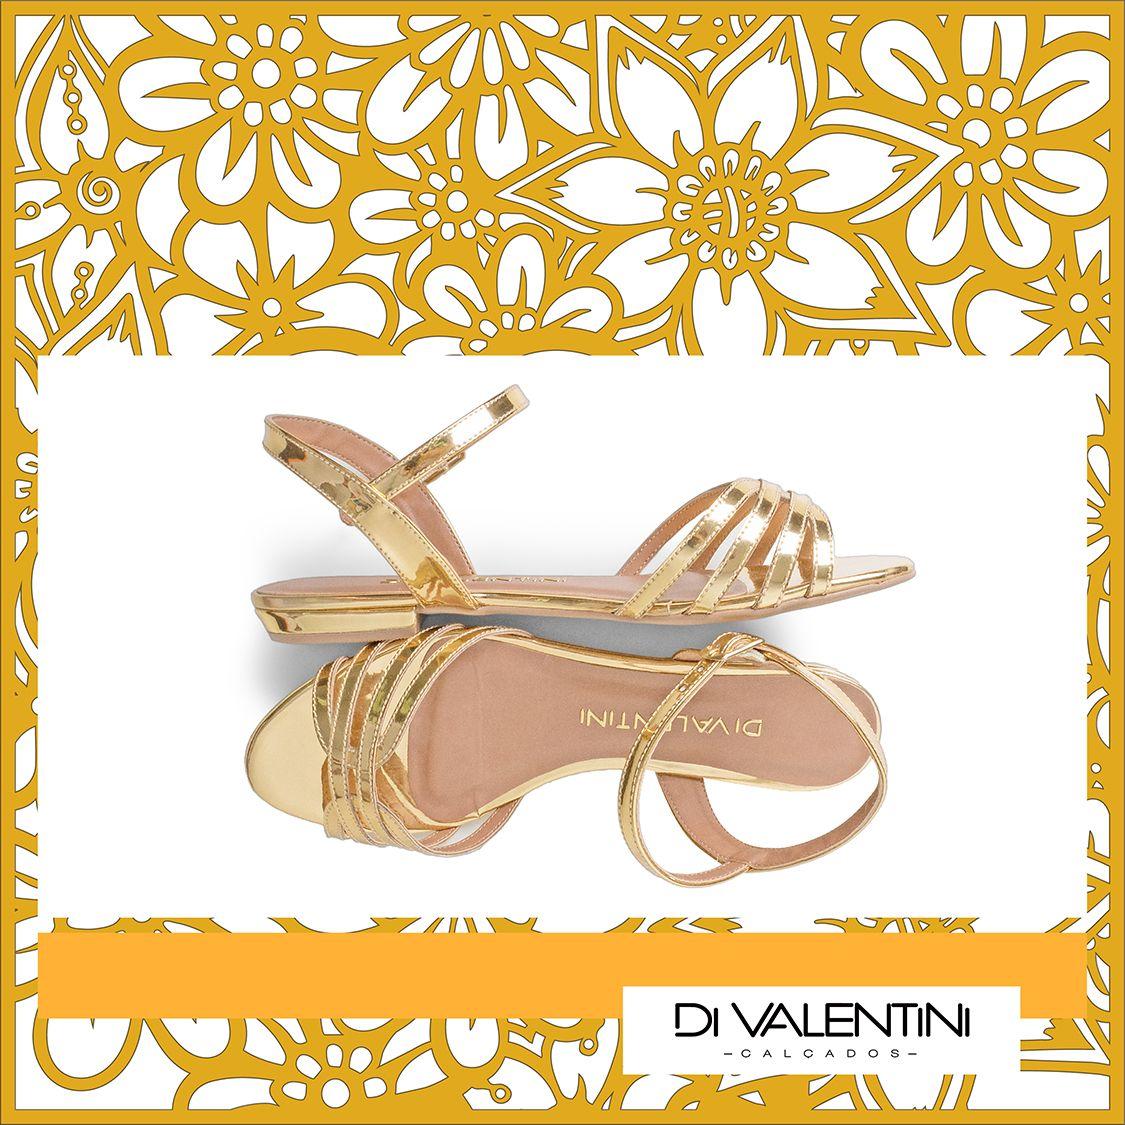 Sandália Di Valentini na loja Aspectho Calçados. ♥